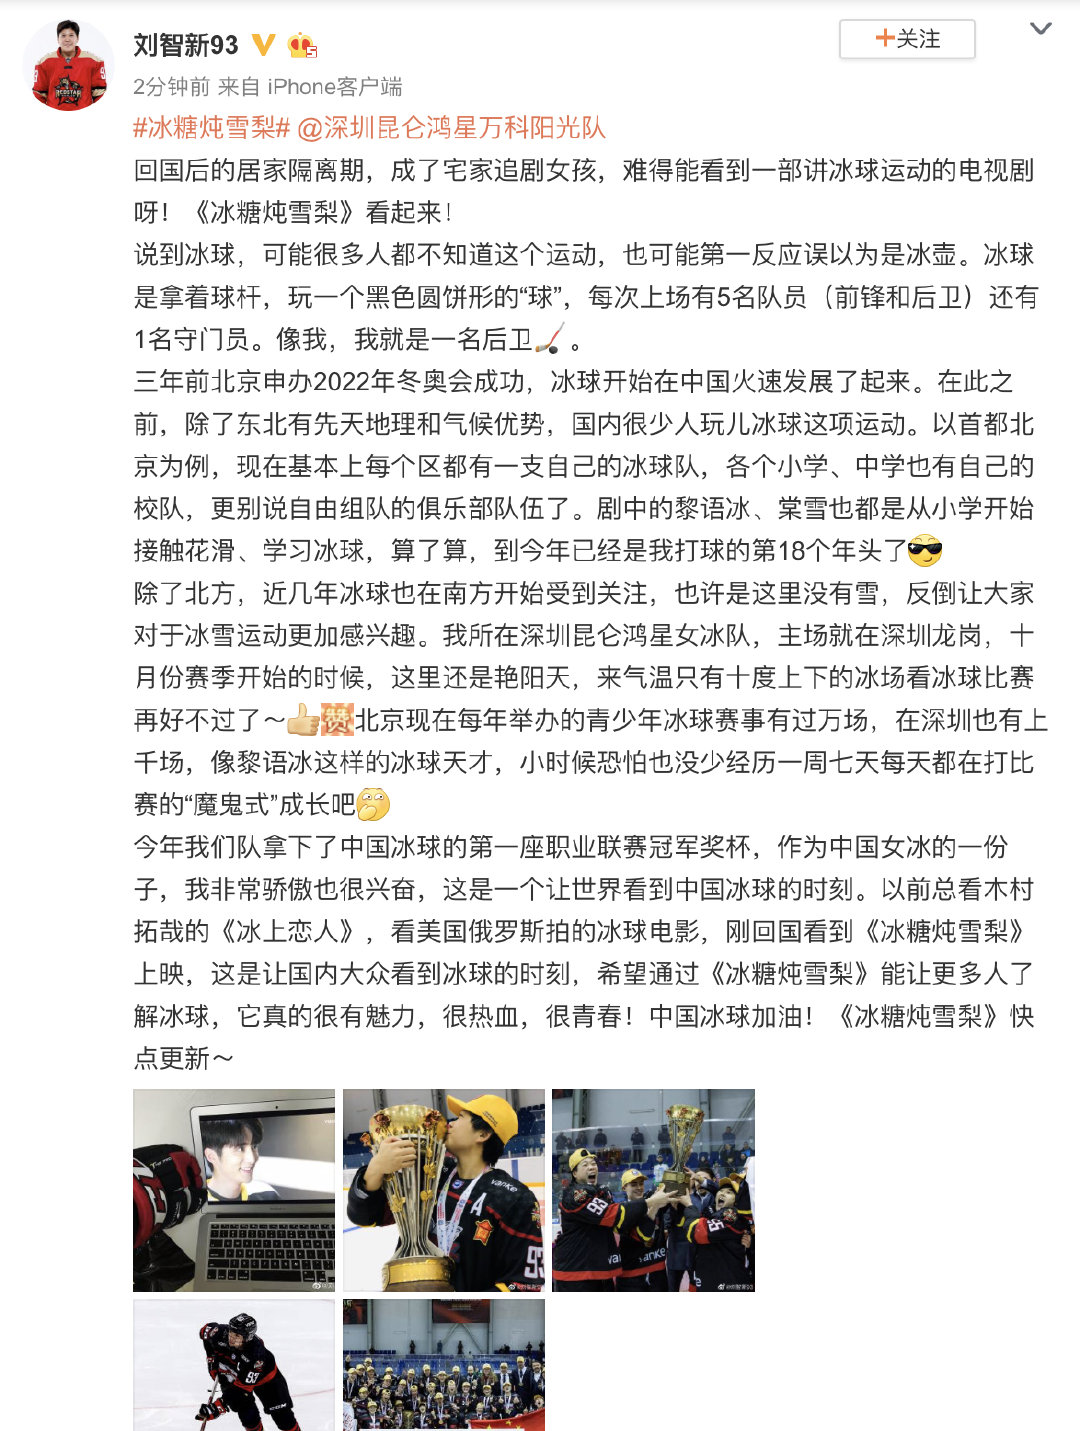 前不久@深圳昆仑鸿星万科阳光冰球队 拿下了中国职业冰球历史首冠